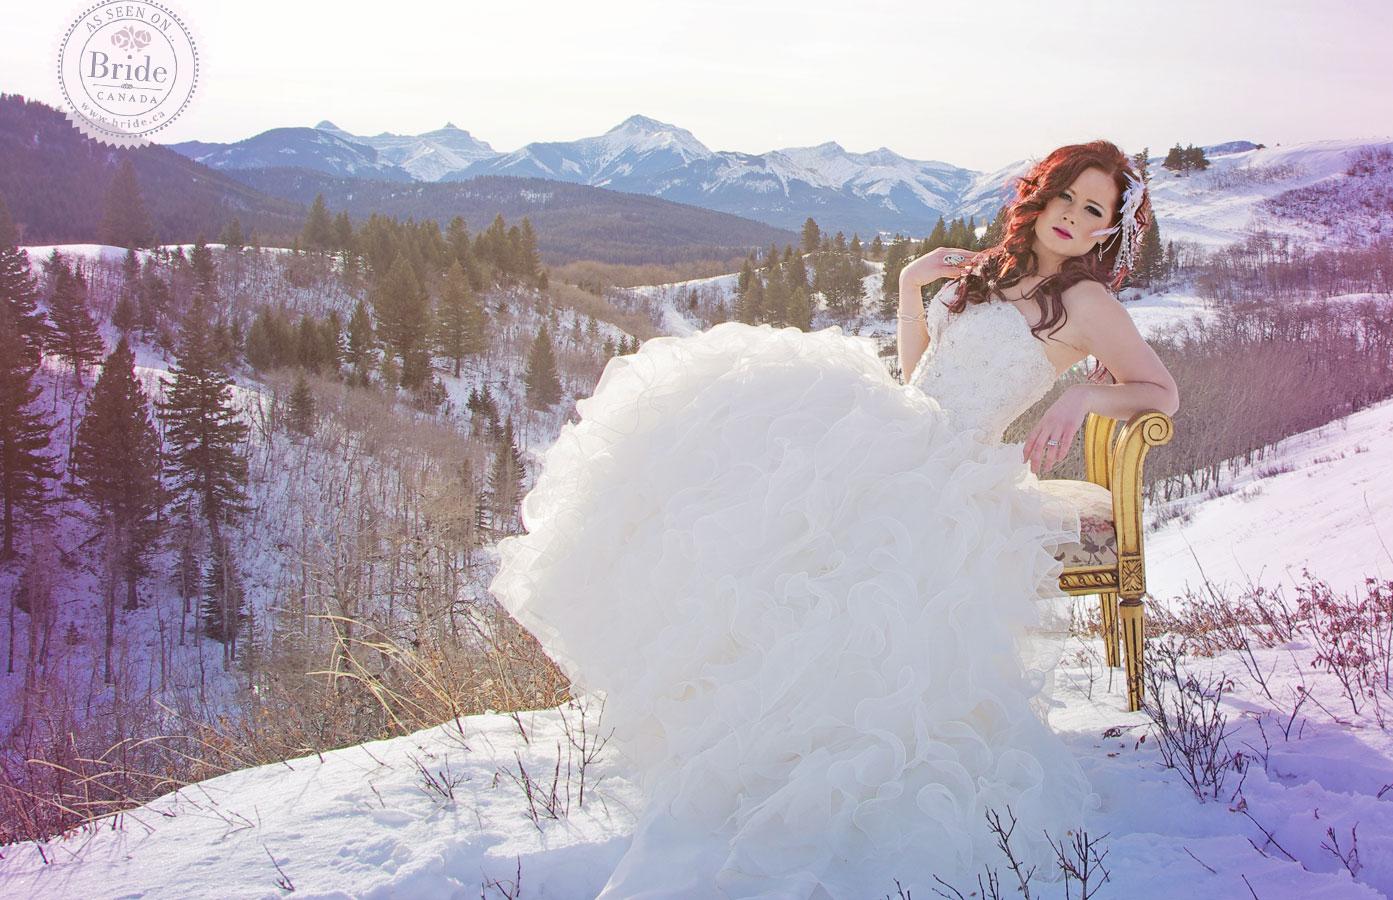 bride.ca | Wedding Trends & Wedding Ideas in Canada about \'outdoor\'